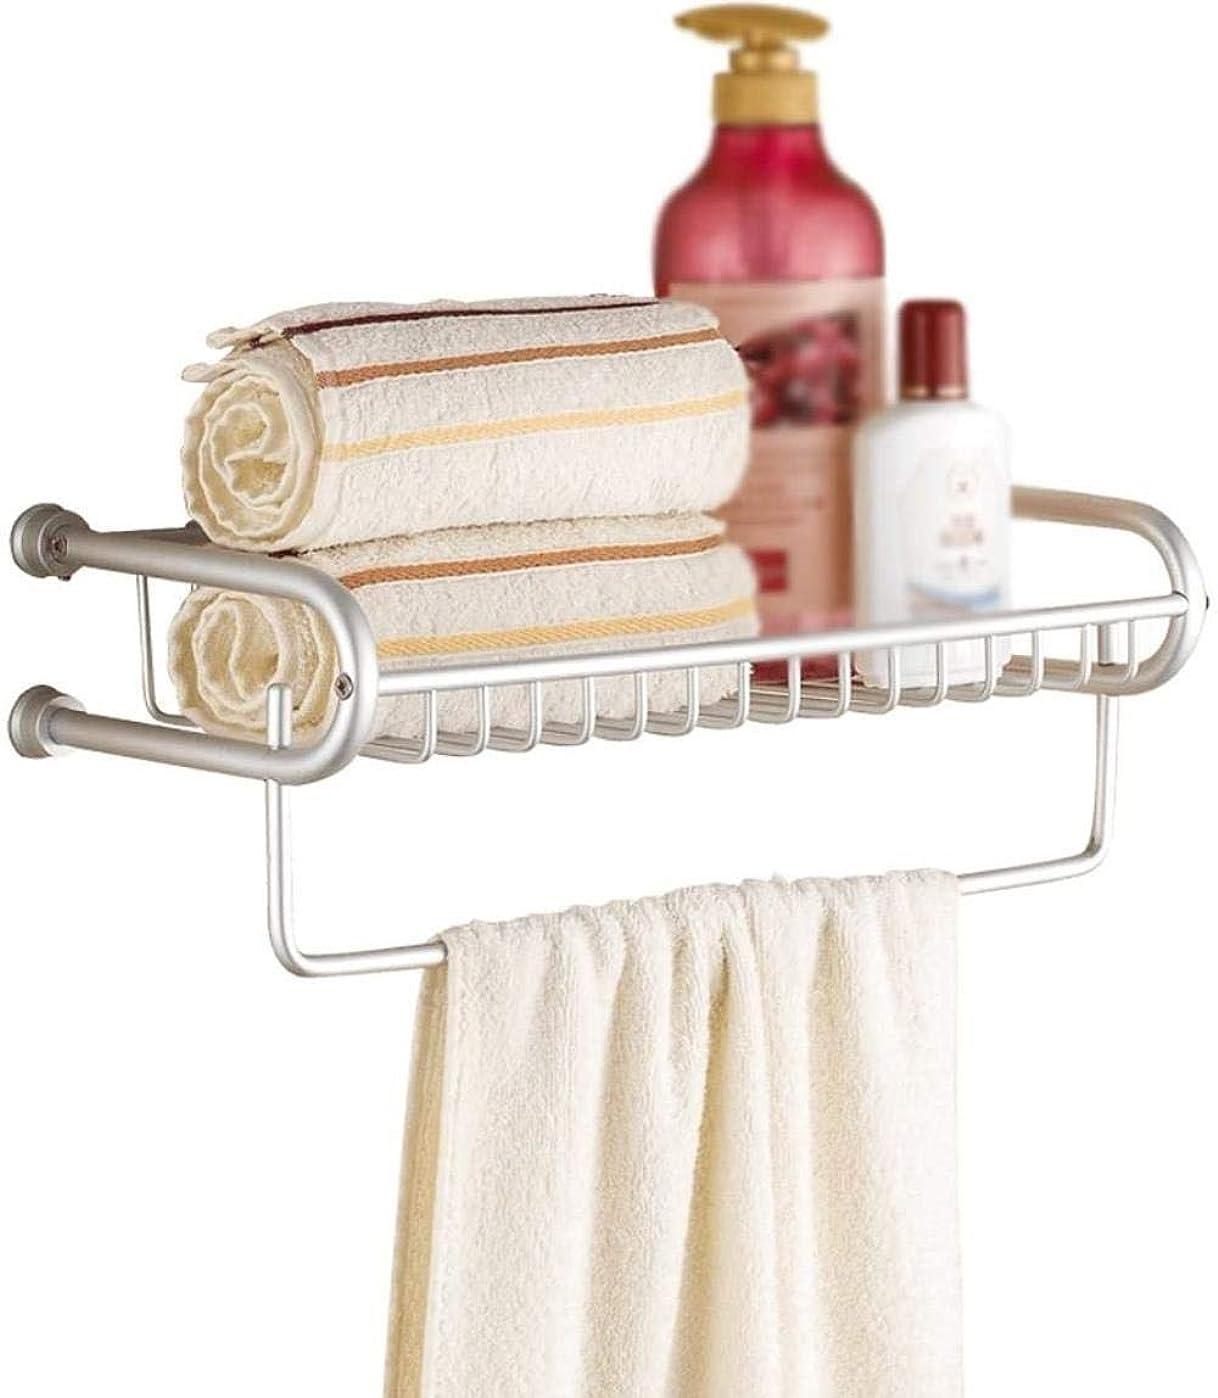 矛盾するソーシャル量浴室の棚タオルラックタオルバー厚みの多機能耐久性のあるバスルームのトイレランドリーウォールマウント LCSHAN